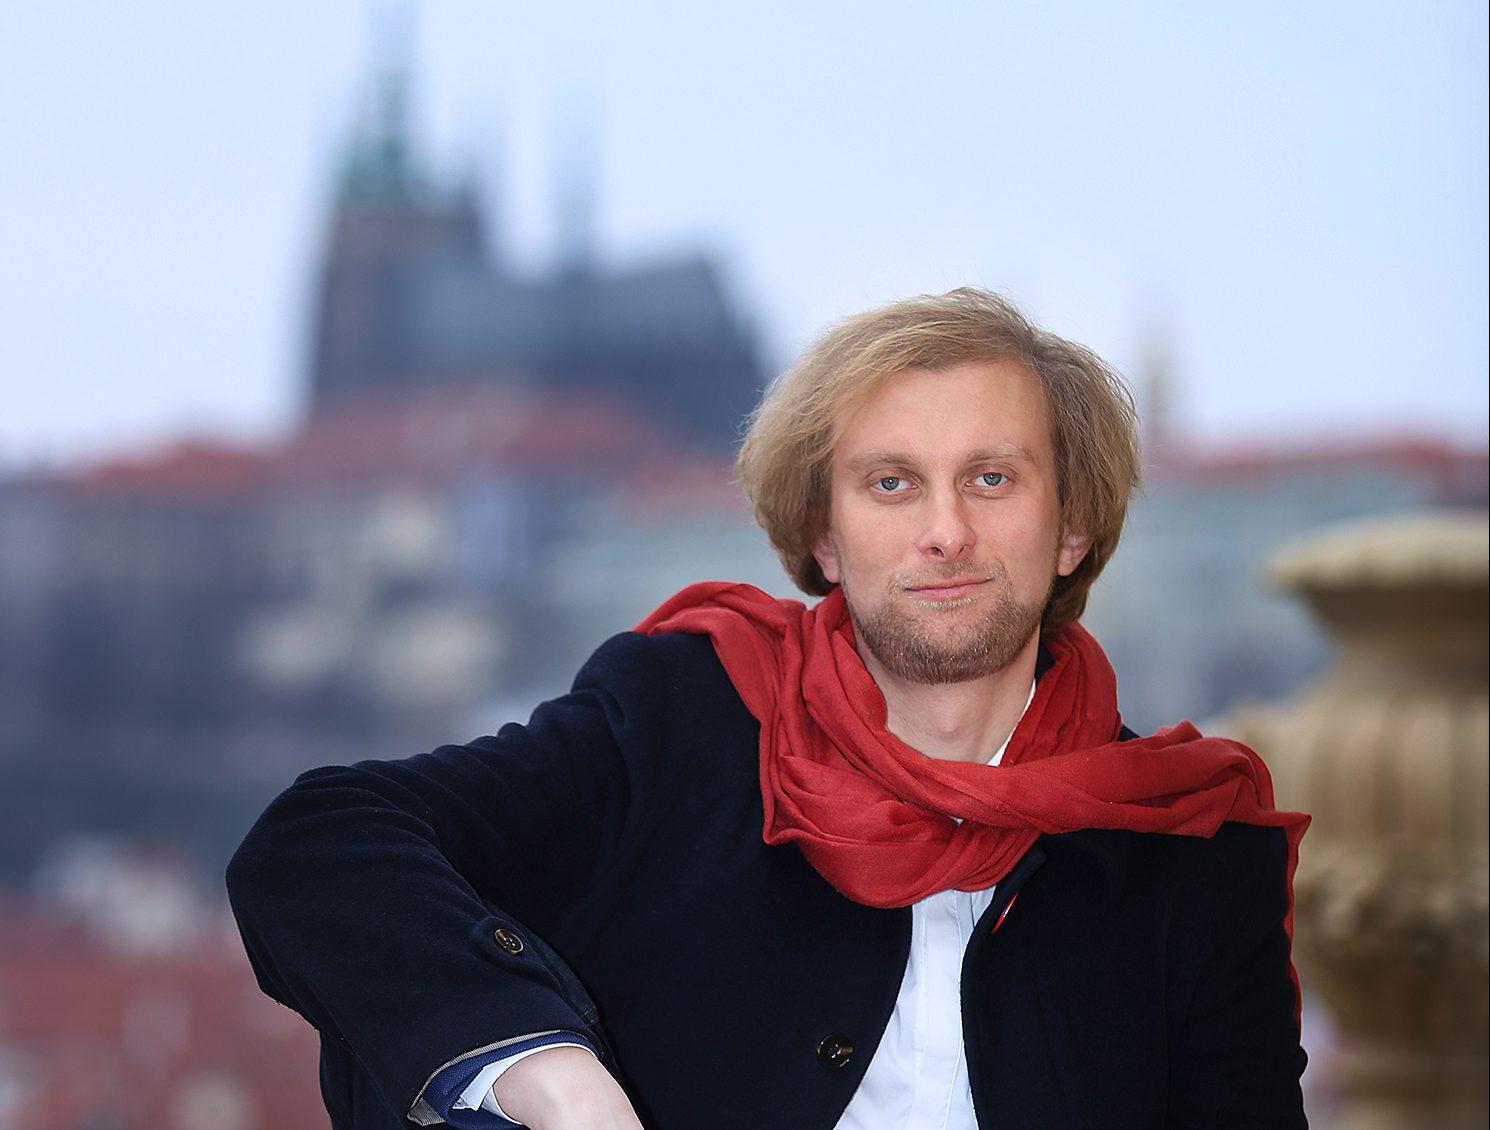 Klavírista Ivo Kahánek oslaví 100. výročí republiky s Českou filharmonií